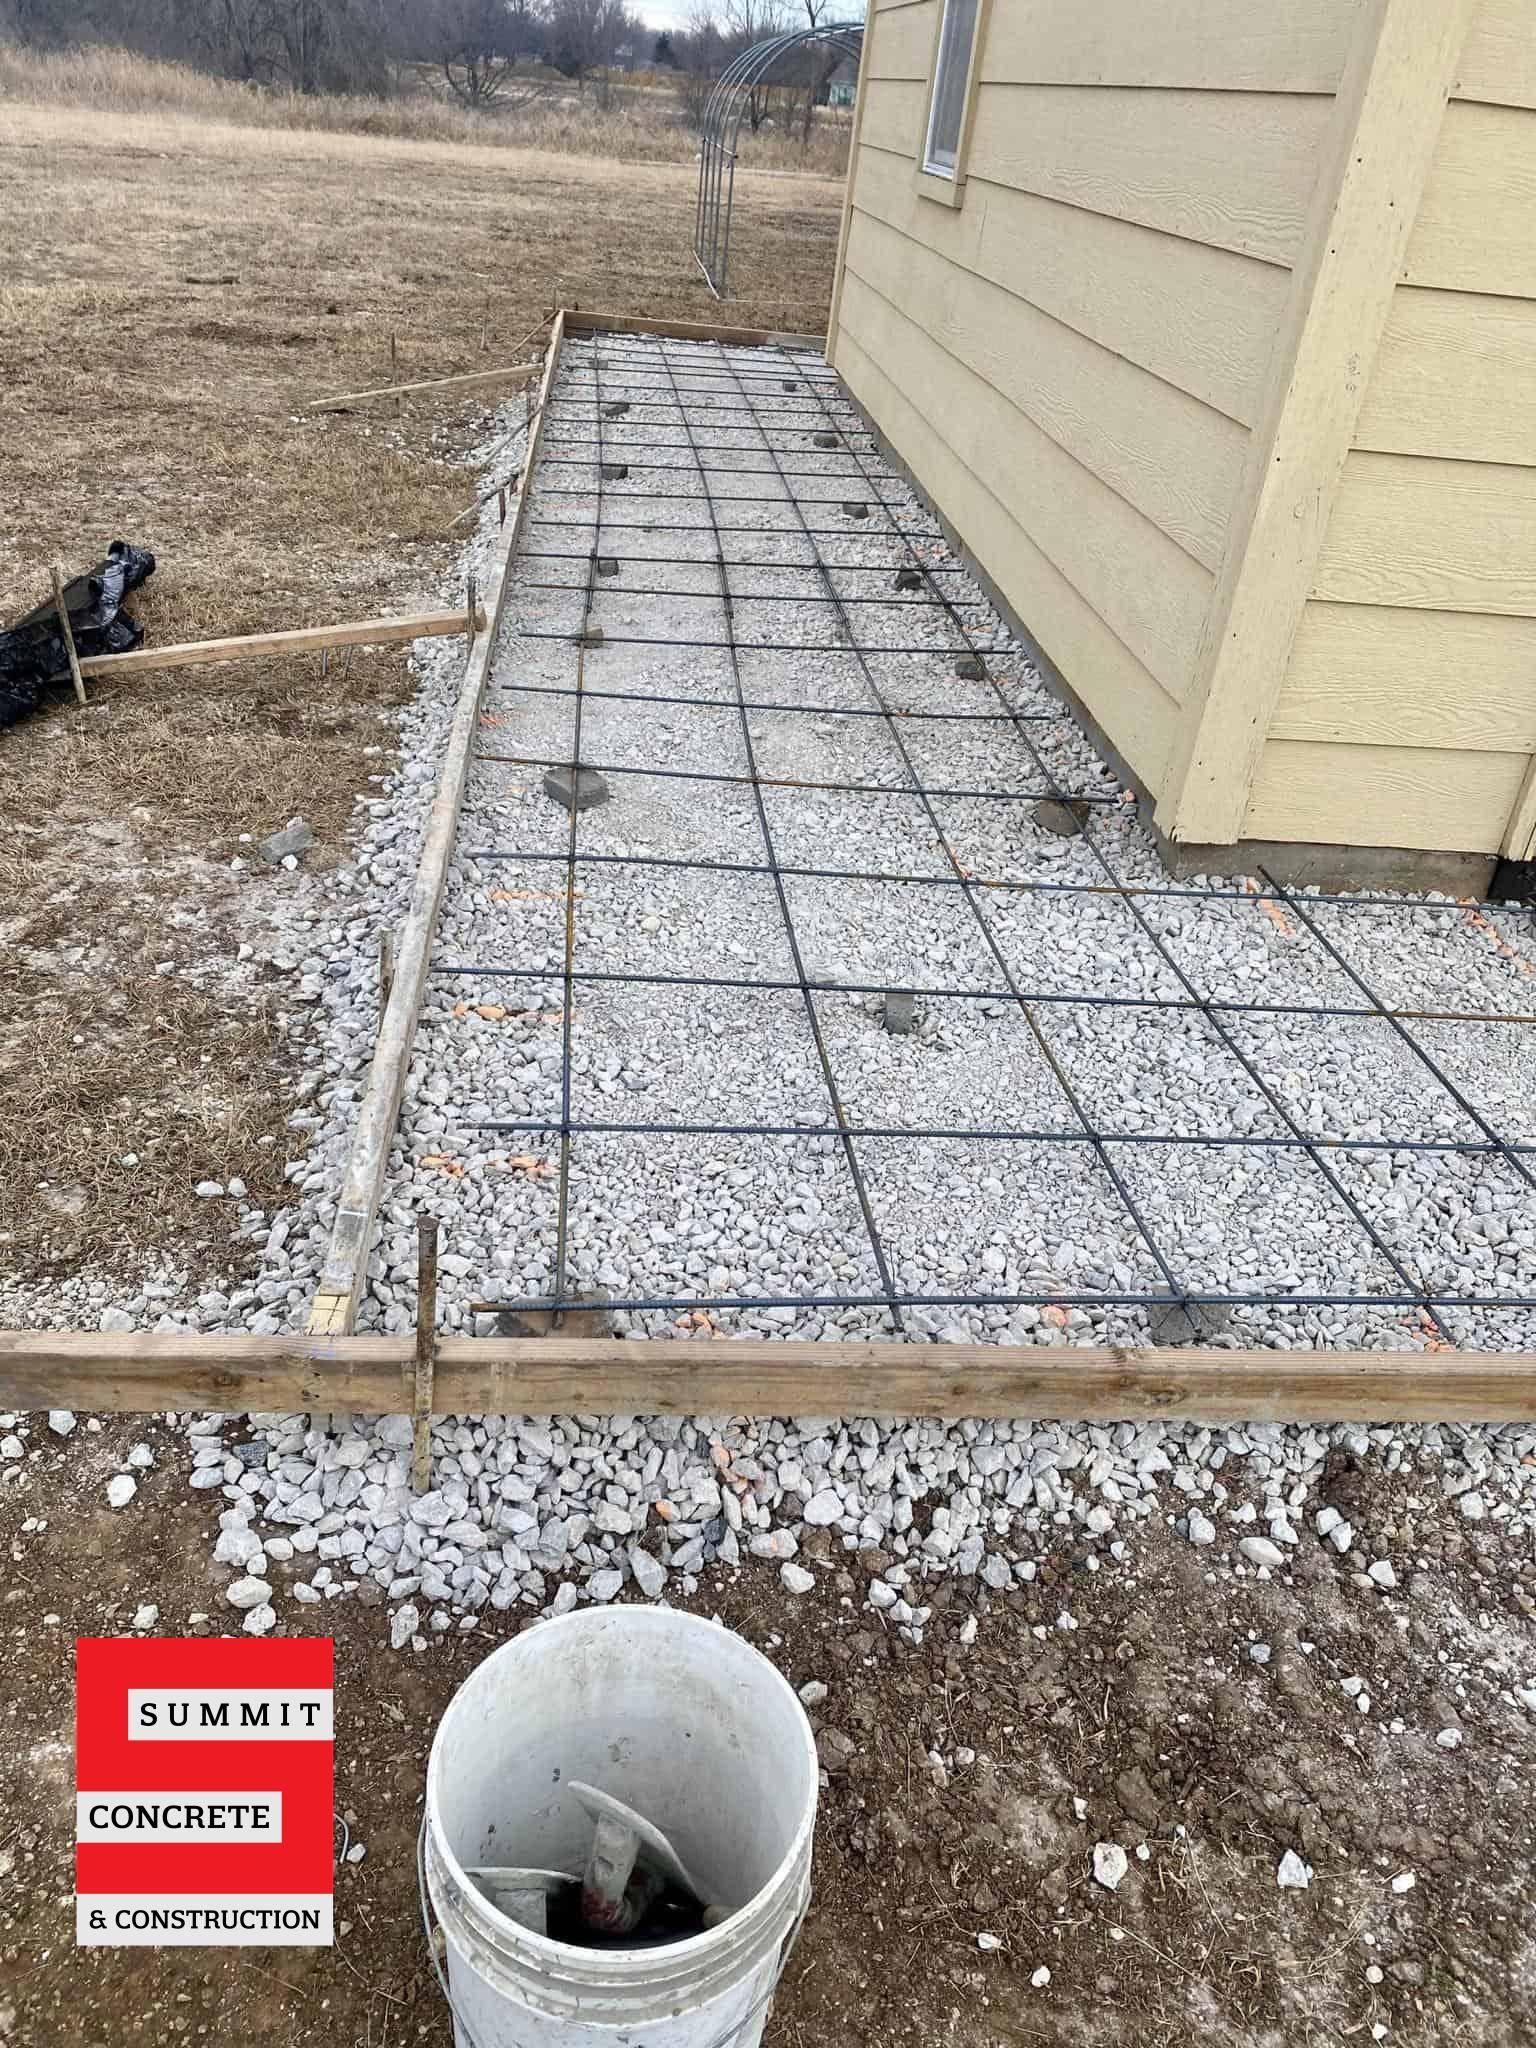 2020 12 28 Tulsa concrete sidewalk IMG 7662 scaled